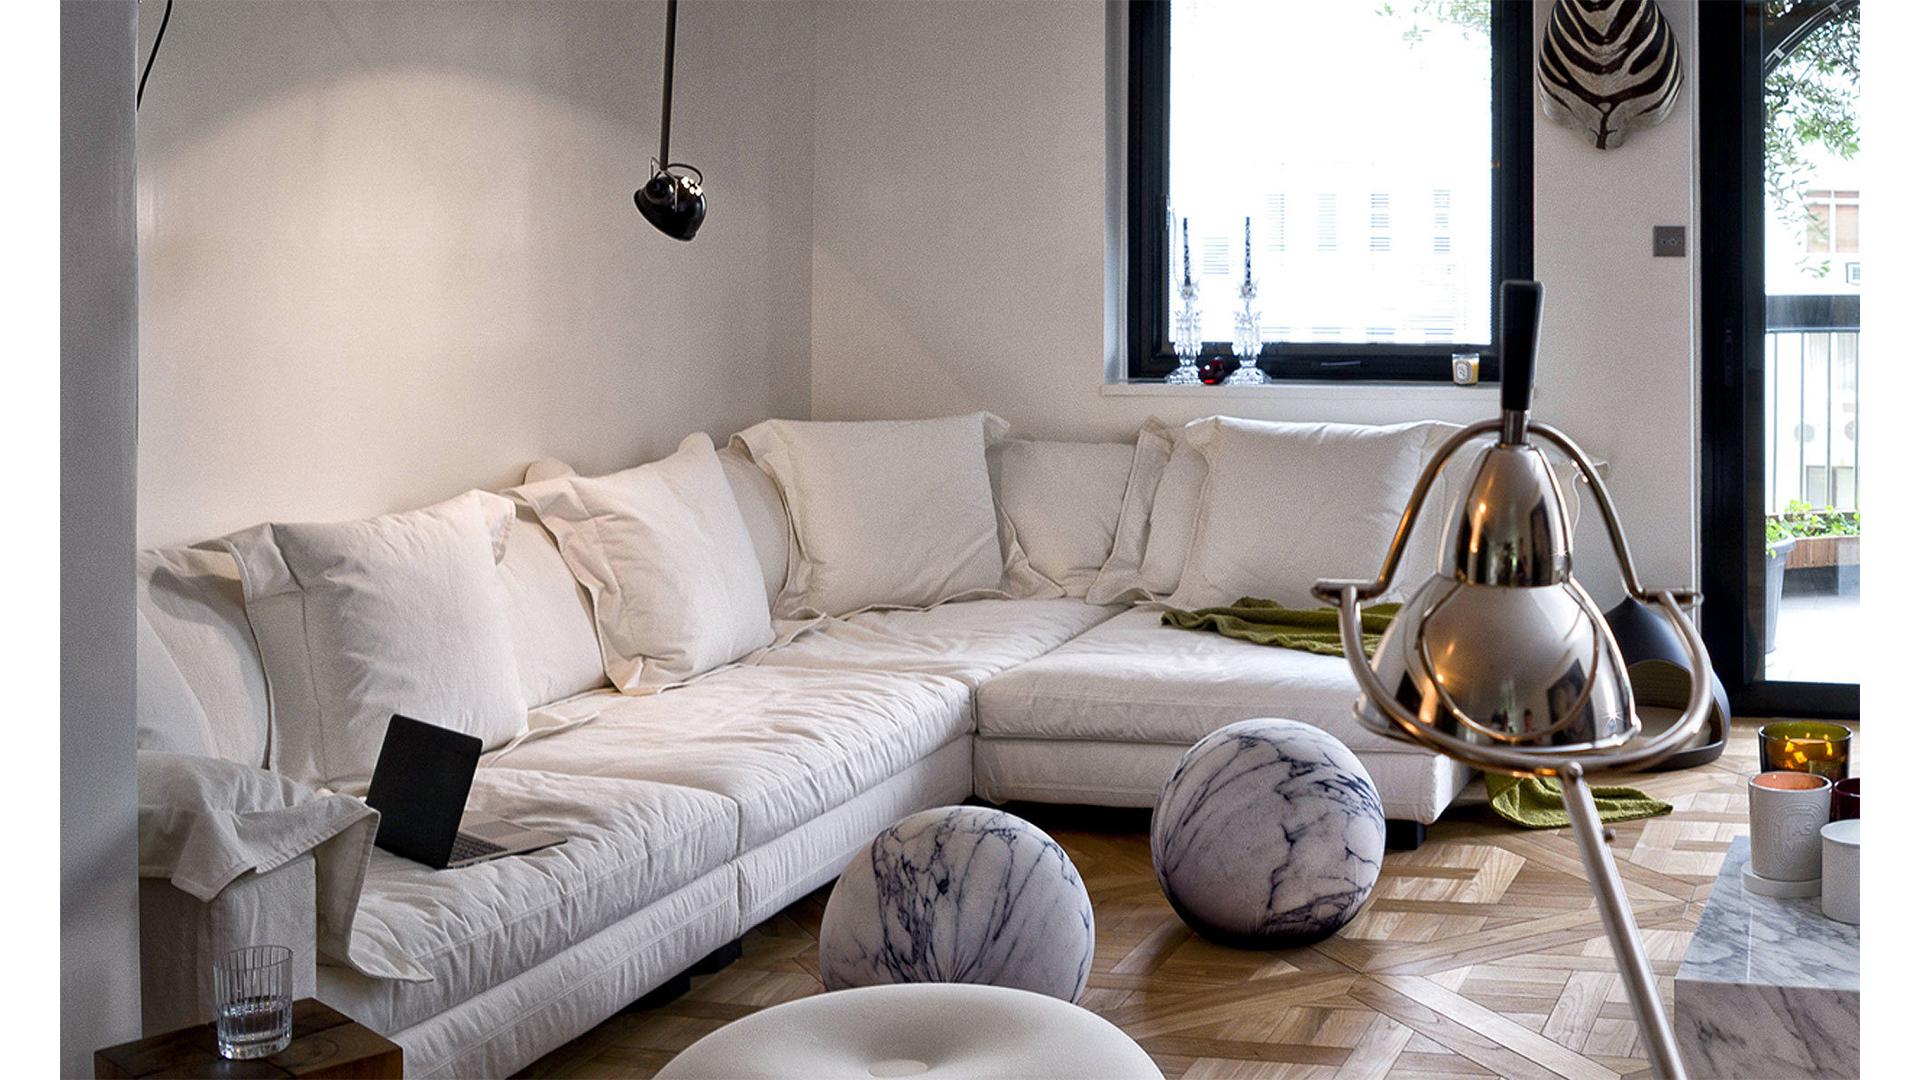 https://estudiopas.com/wp-content/uploads/2019/05/Mobilia-Diesel-for-Moroso-nebula-nine-sofa-slider-5.jpg